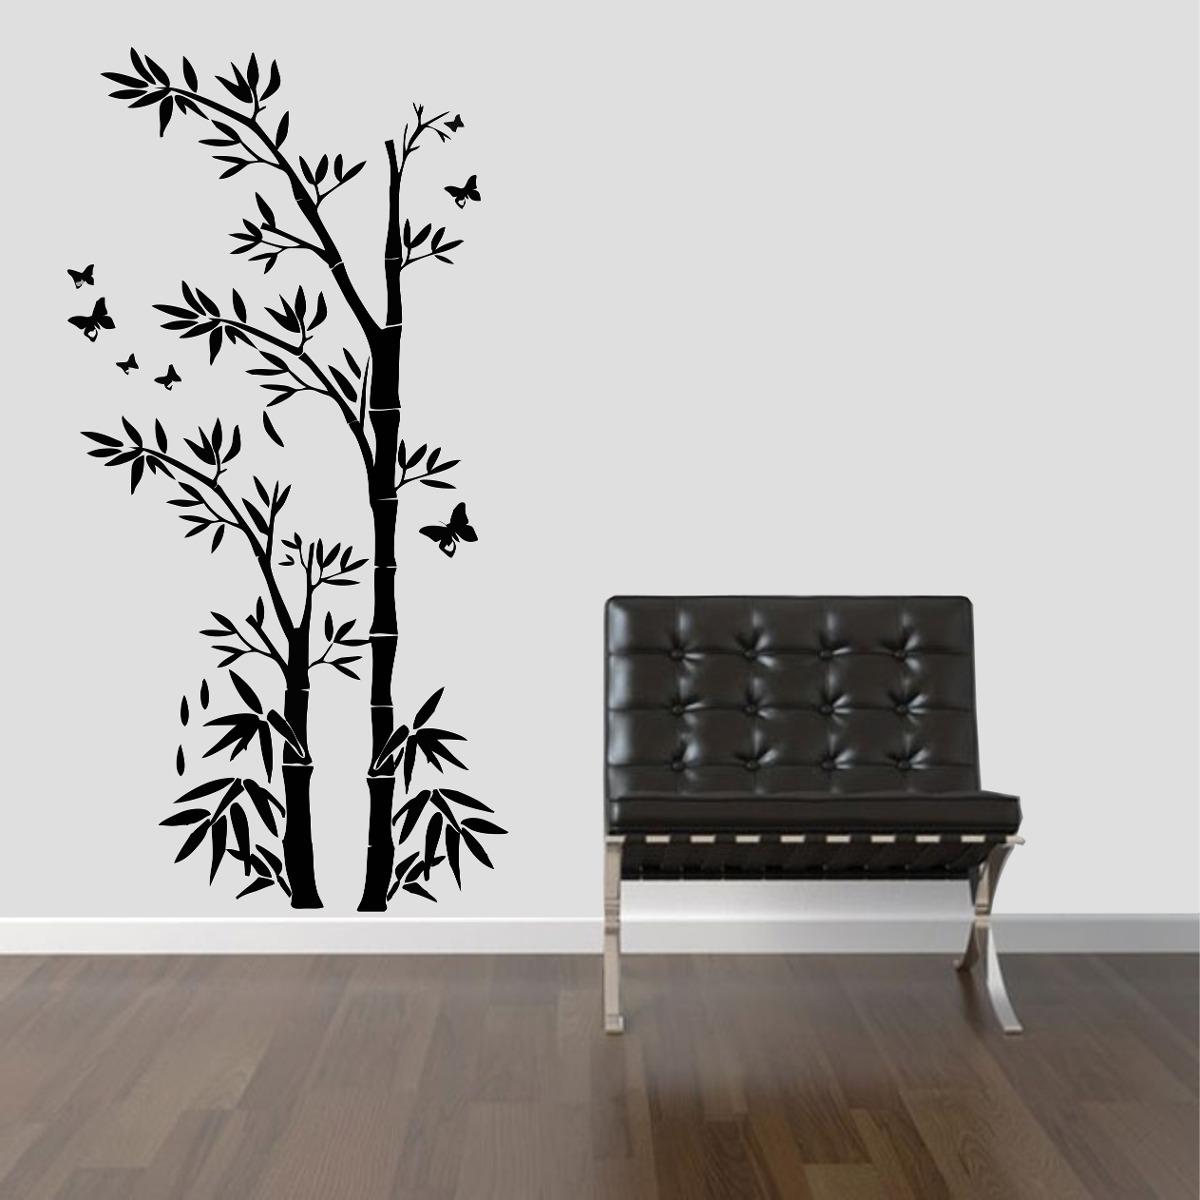 Armario Ikea Pax Roble ~ Adesivo Decorativo Parede Floral Bambu Galhos Borboleta R$ 49,99 em Mercado Livre